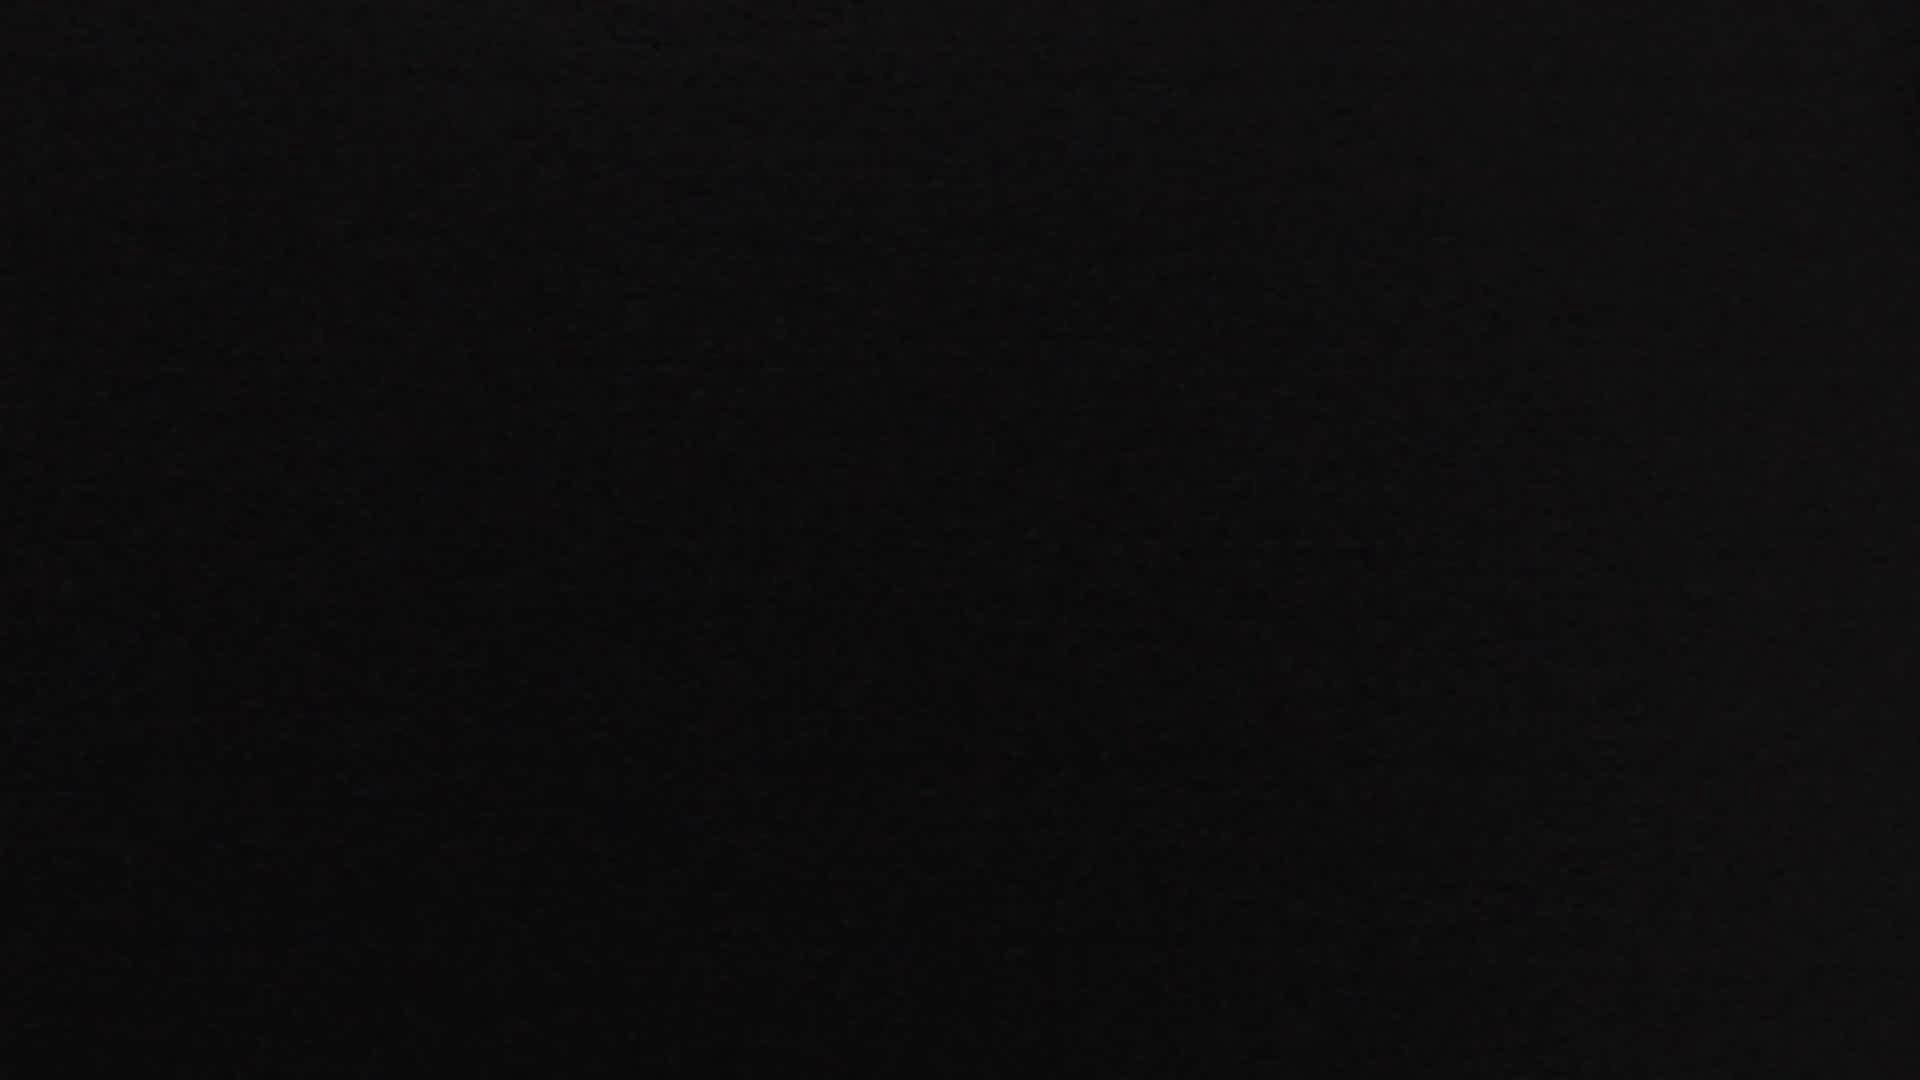 世界の射窓から ステーション編 vol.18 ゴン太 推定600g超過 エッチすぎるOL達 | 0  87連発 53